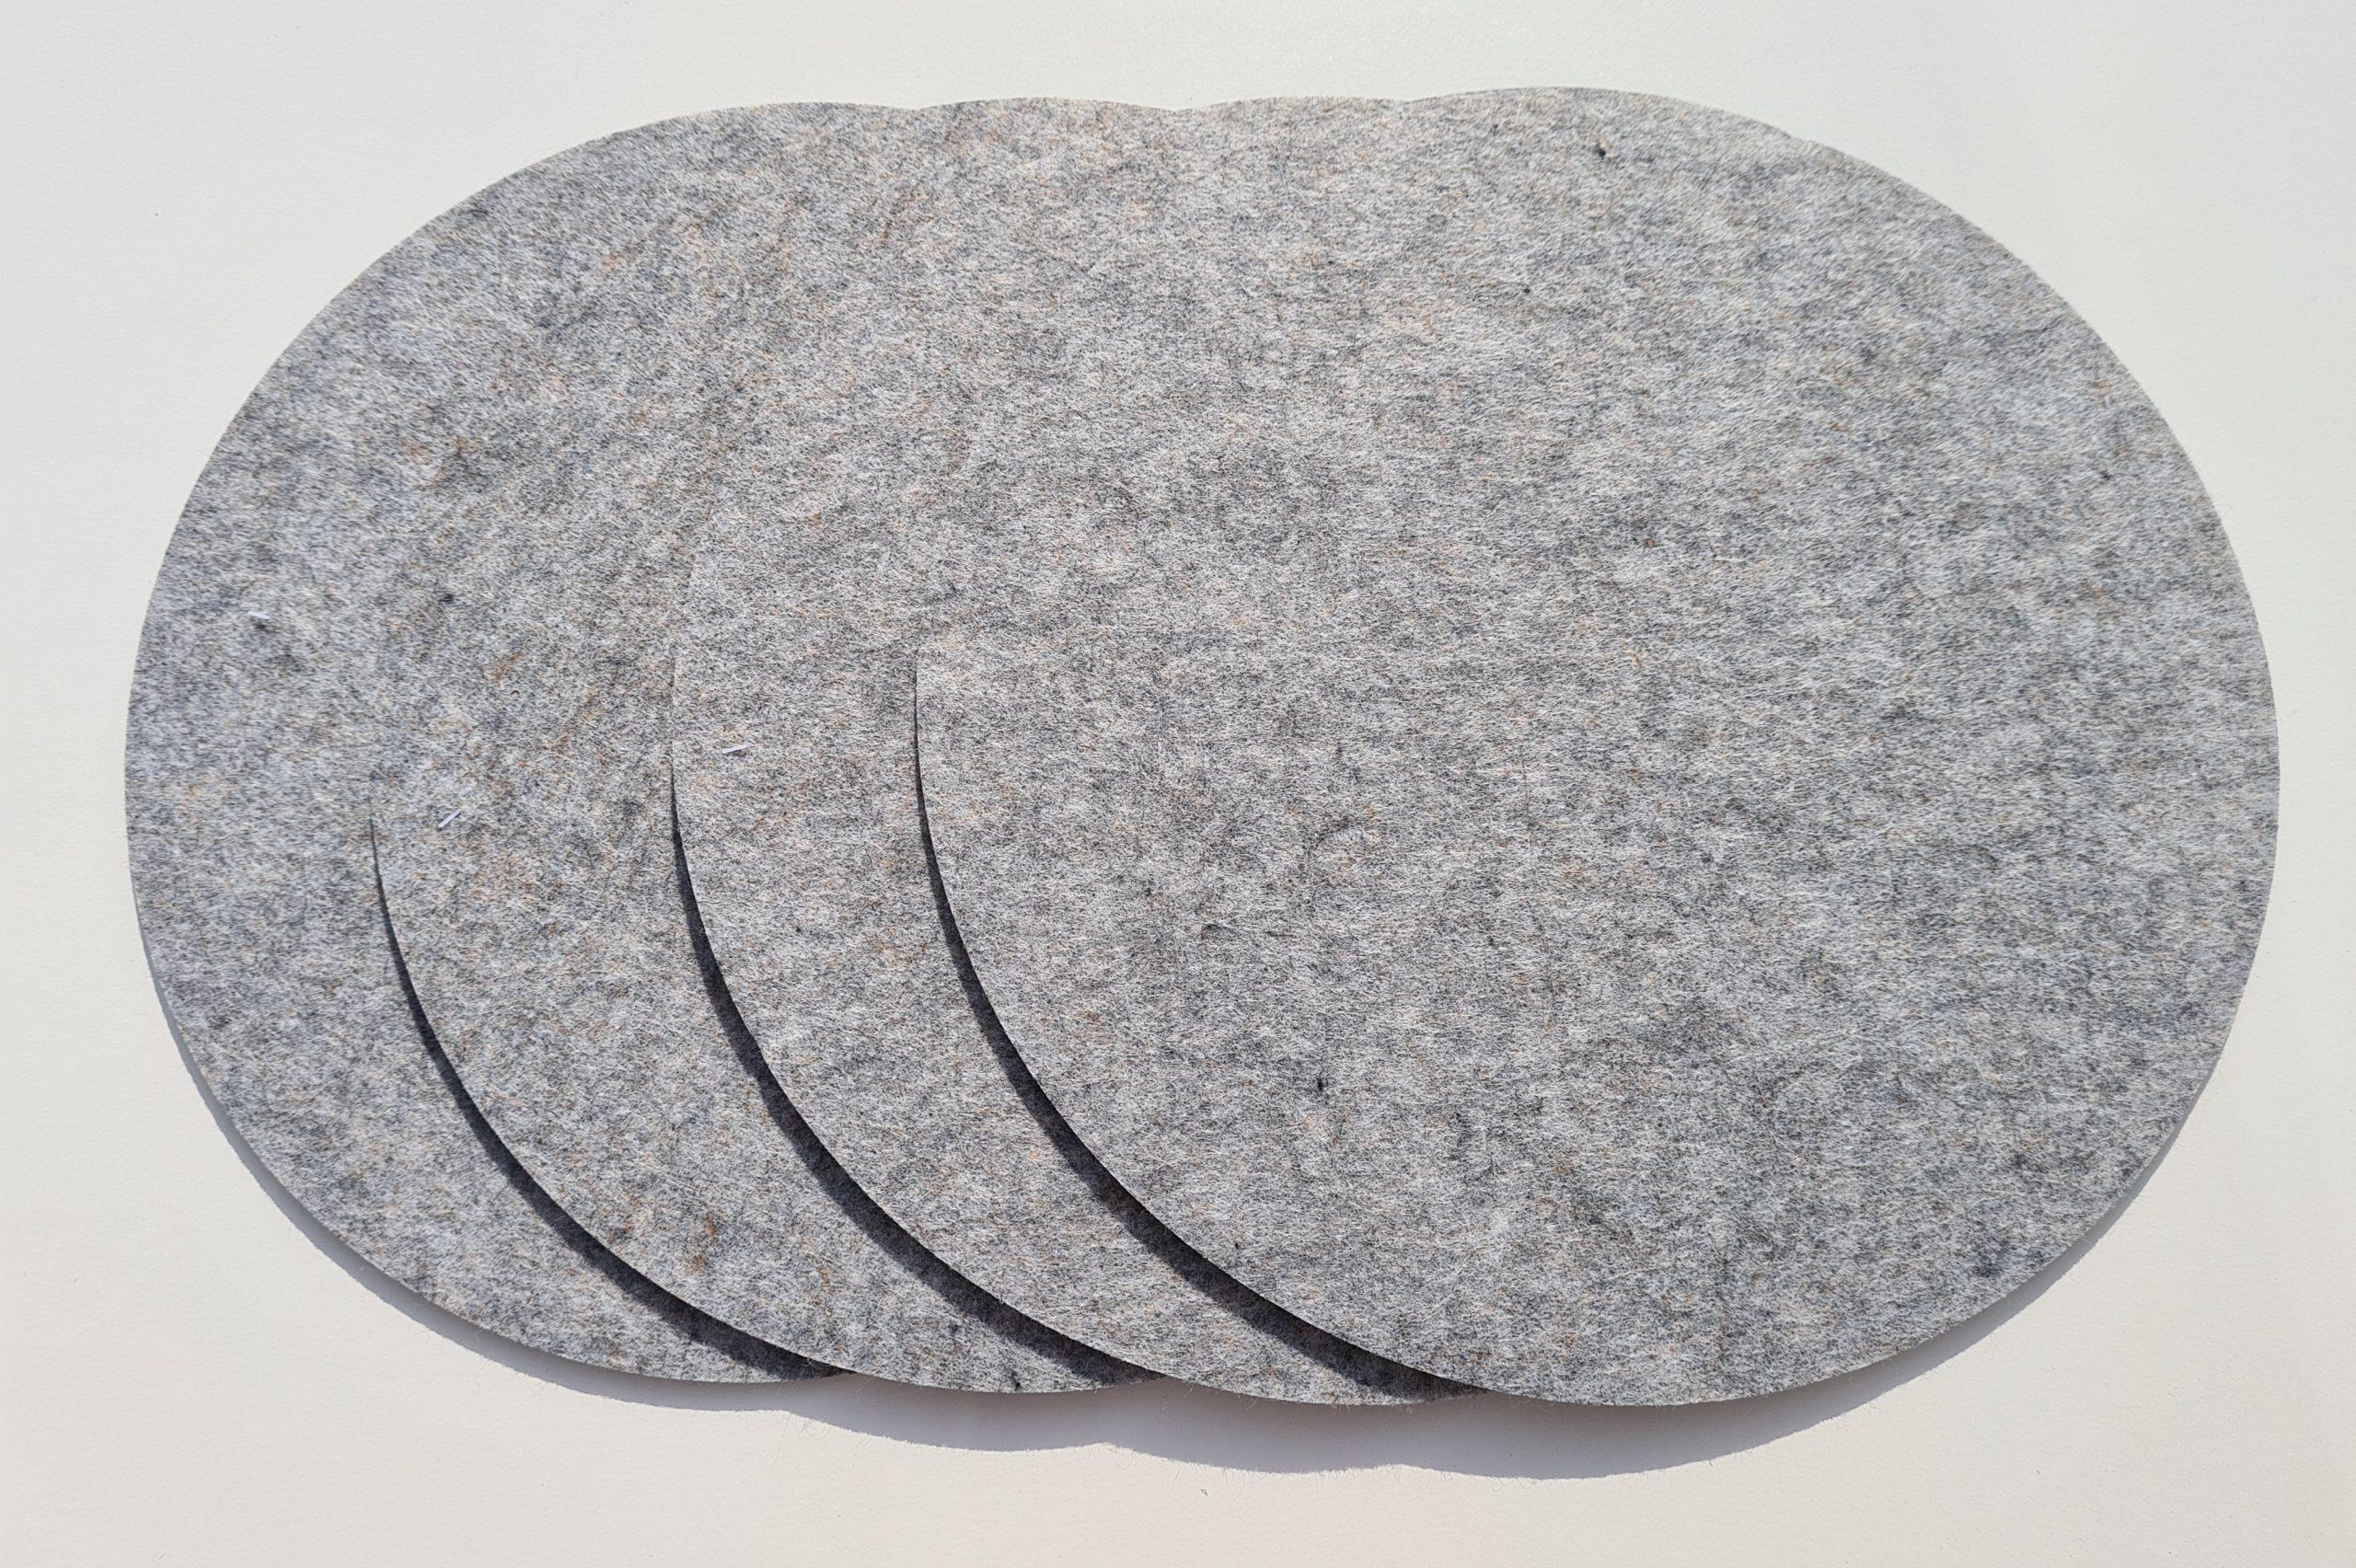 Hellgraue Filz-Untersetzter rund - Handgemachte individualisierbare Taschen, Körbe, Tischsets, Dekoartikel und mehr auf fideko.de der Onlineshop seit 2011